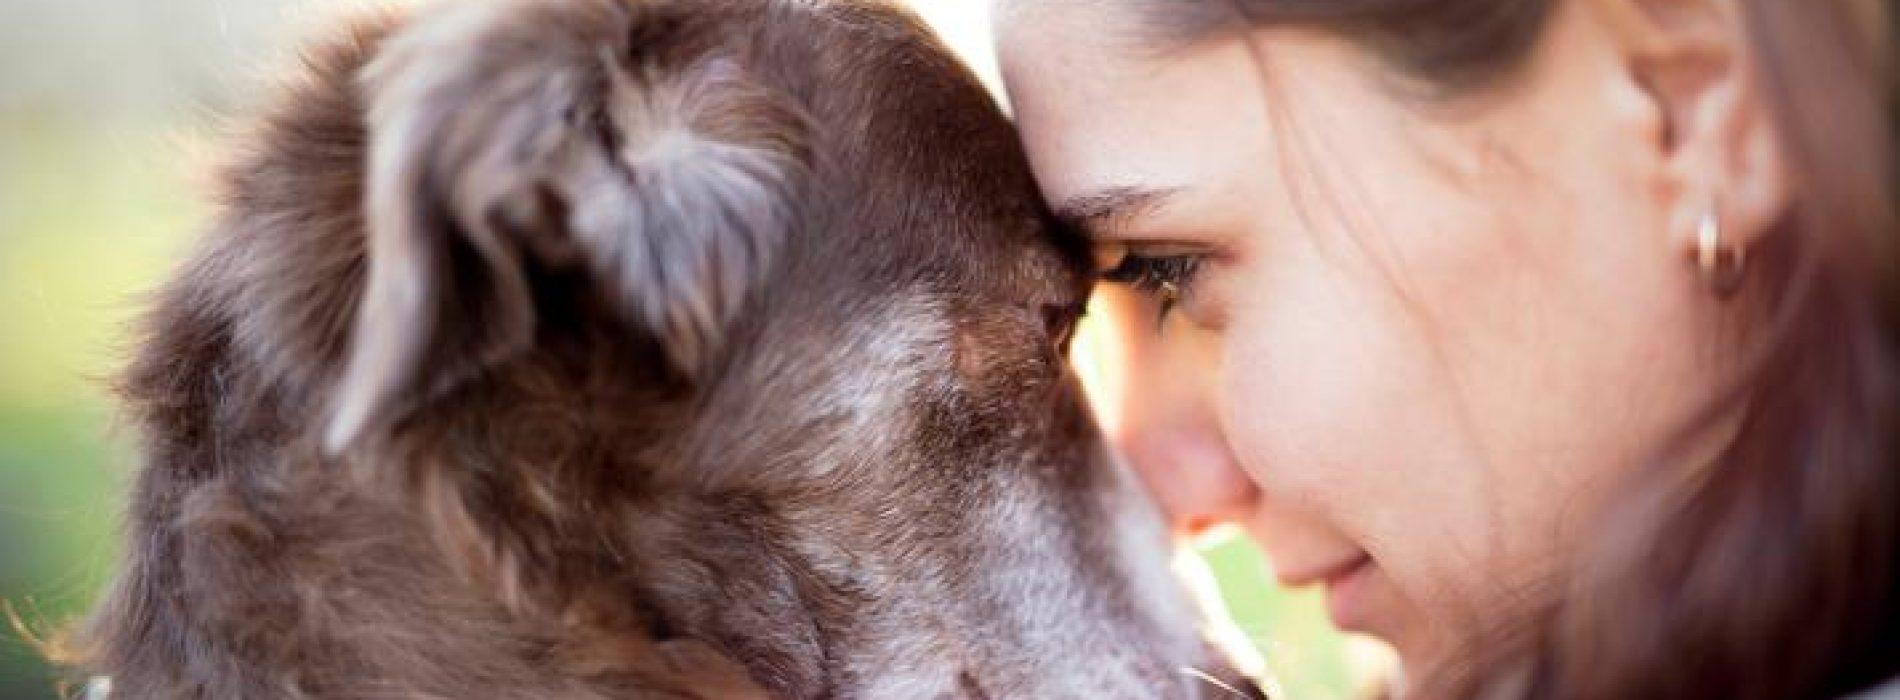 Heb je een hond? Dat is goed voor de gezondheid van dít orgaan